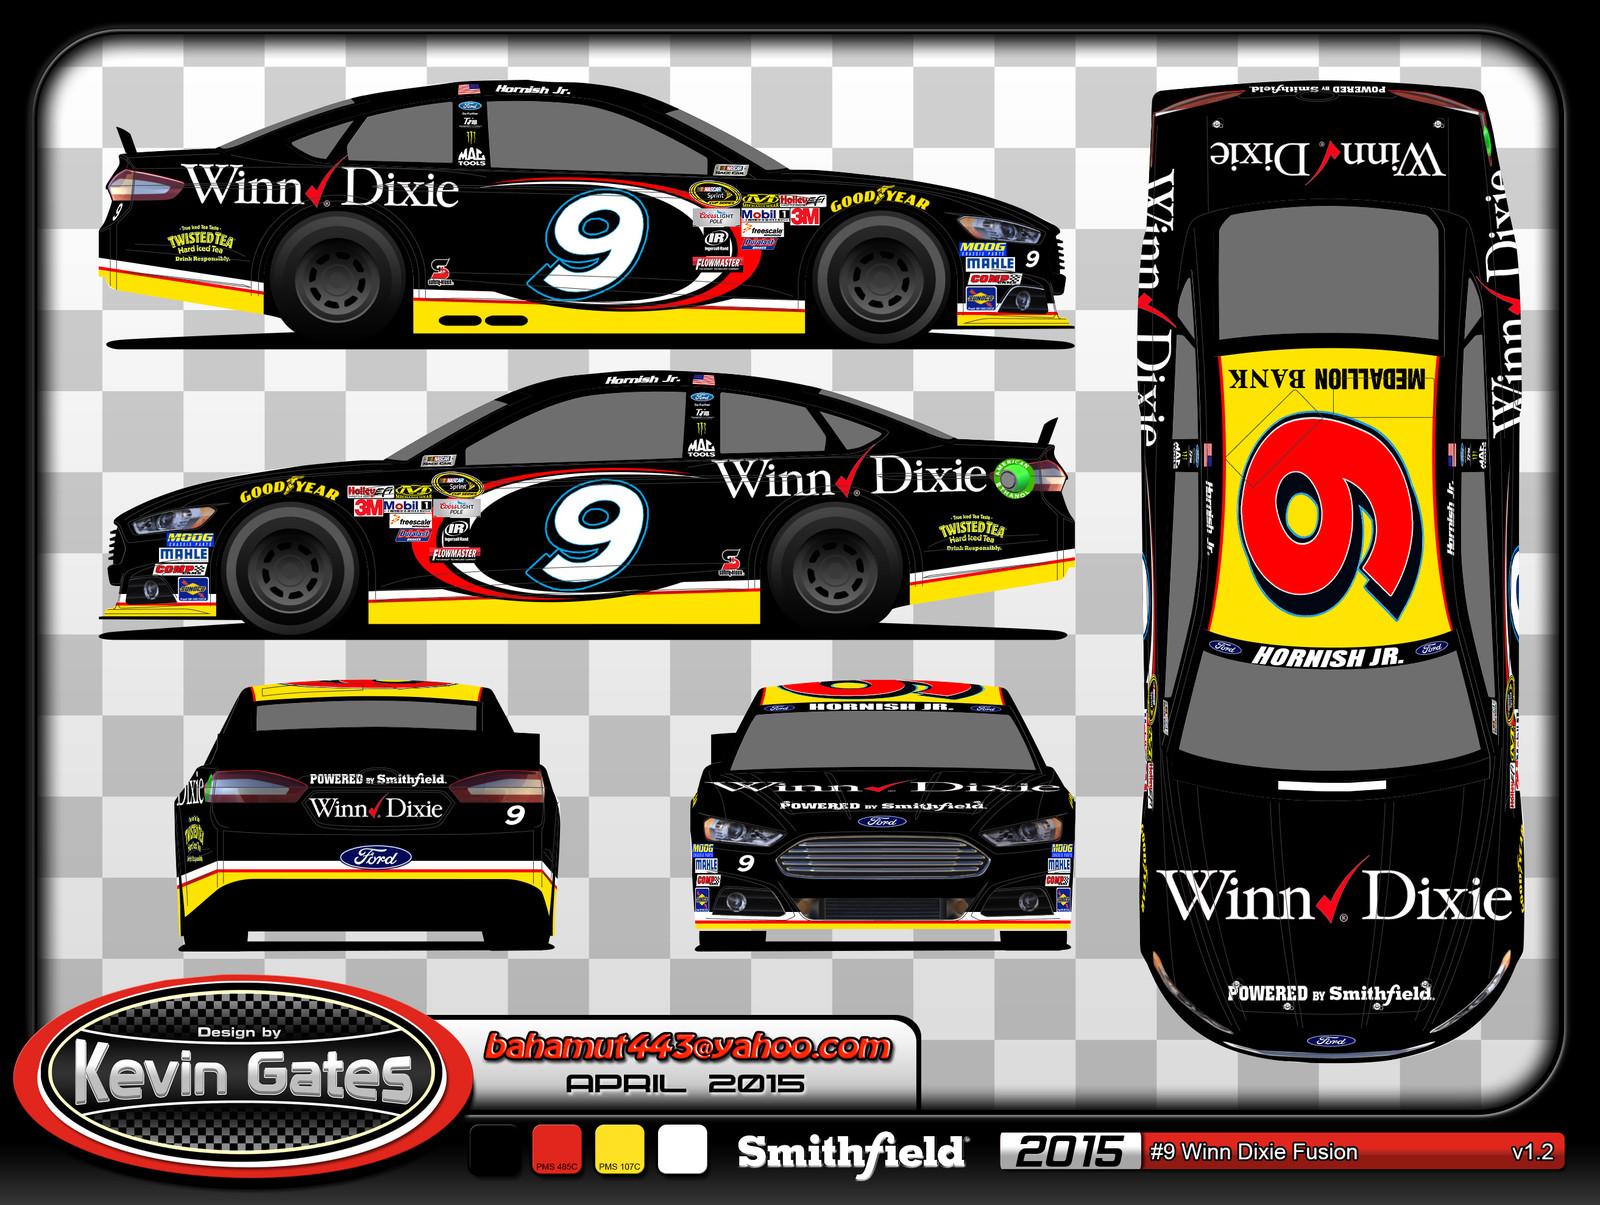 Original vector art of the 2015 #9 Winn-Dixie Ford Fusion